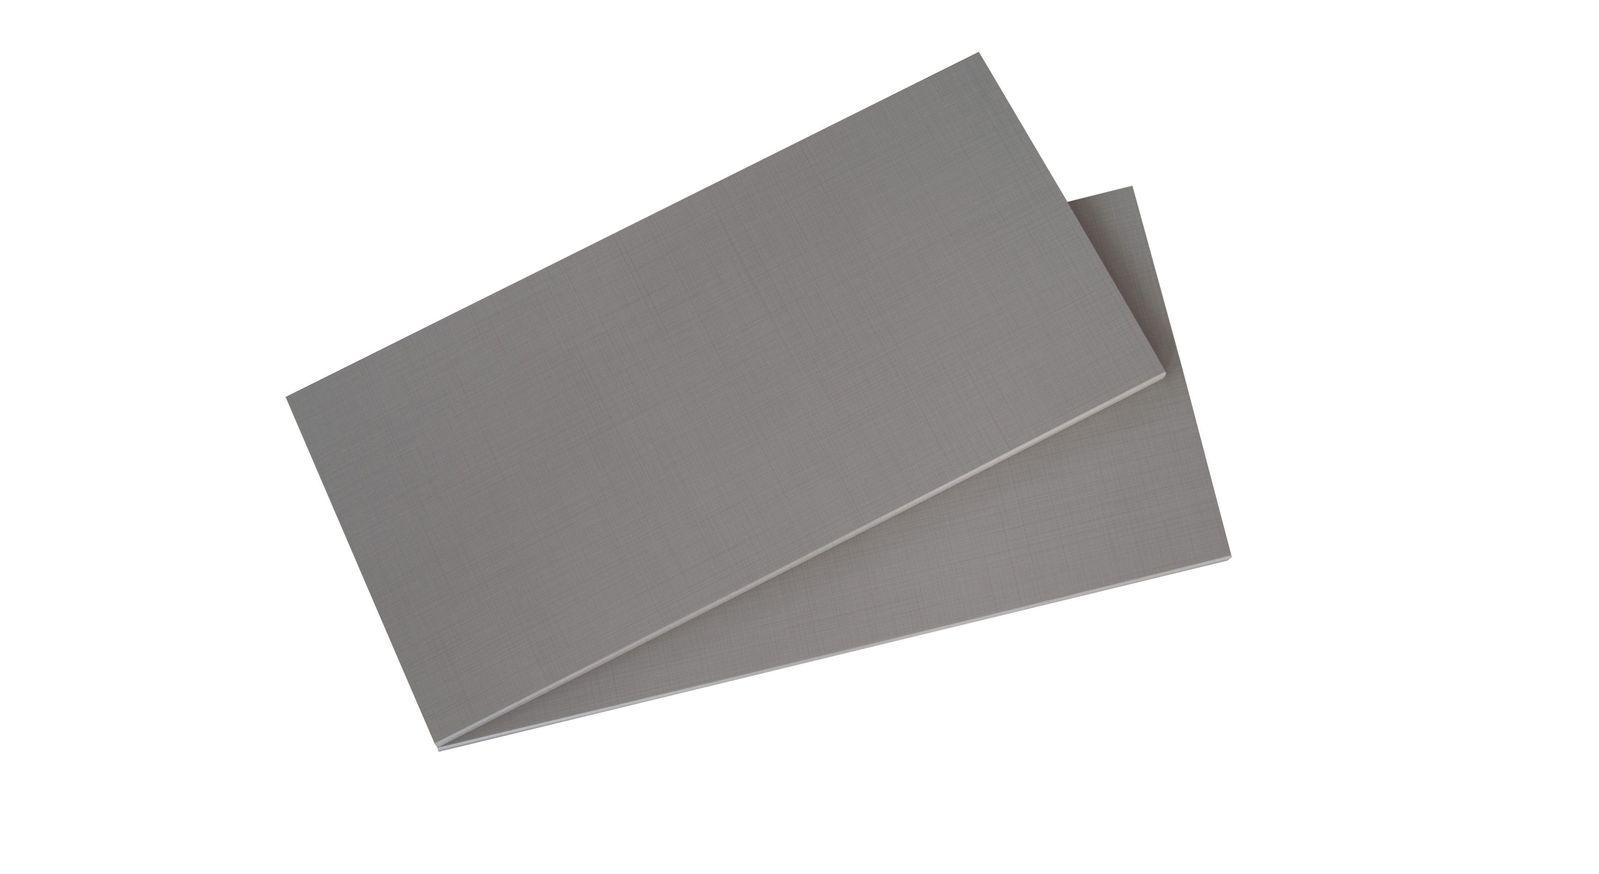 Einlegeböden der Zusatzausstattung & Beleuchtung für Kleiderschränke im 2er-Set